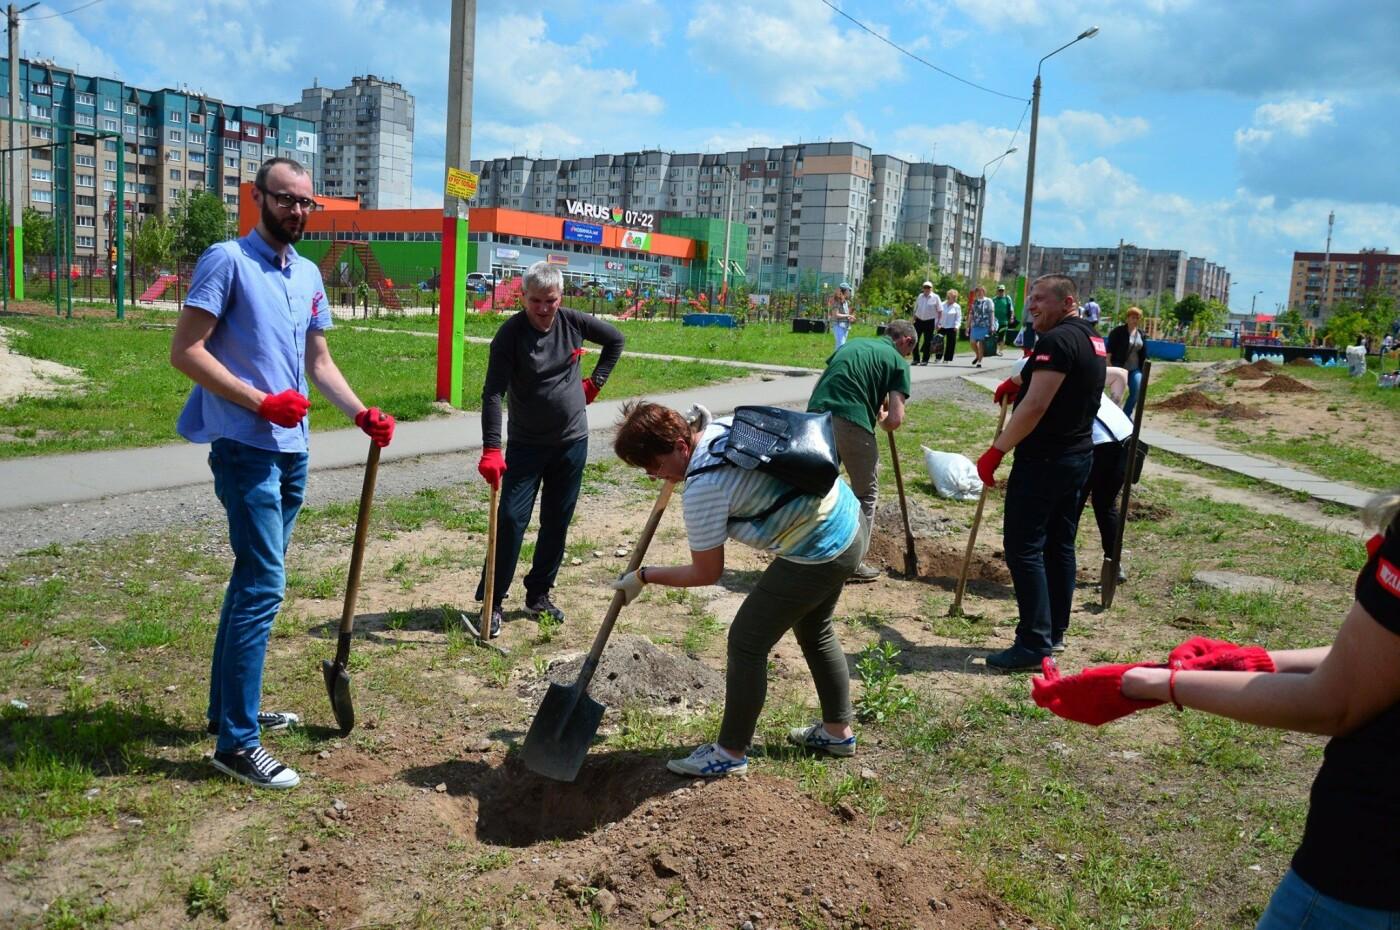 В Кривом Роге появился живой памятник людям, которые умерли из-за СПИДа, - ФОТО , фото-23